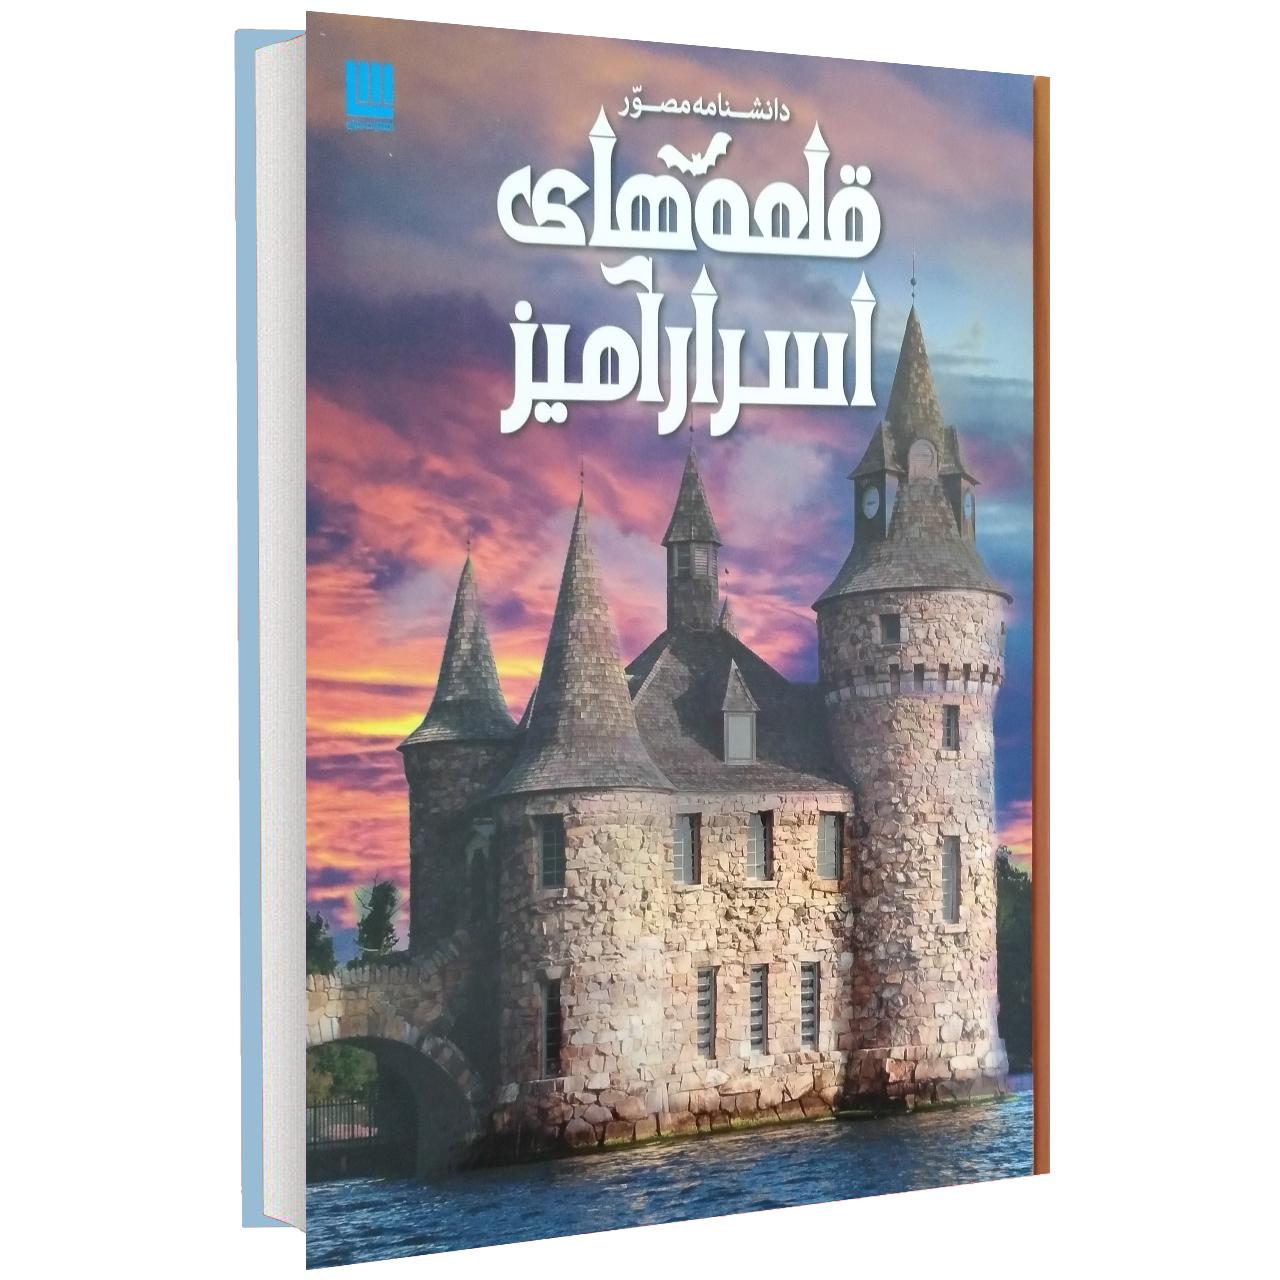 کتاب دانشنامه مصور قلعه های اسرار آمیز اثر کریستوفر گروت